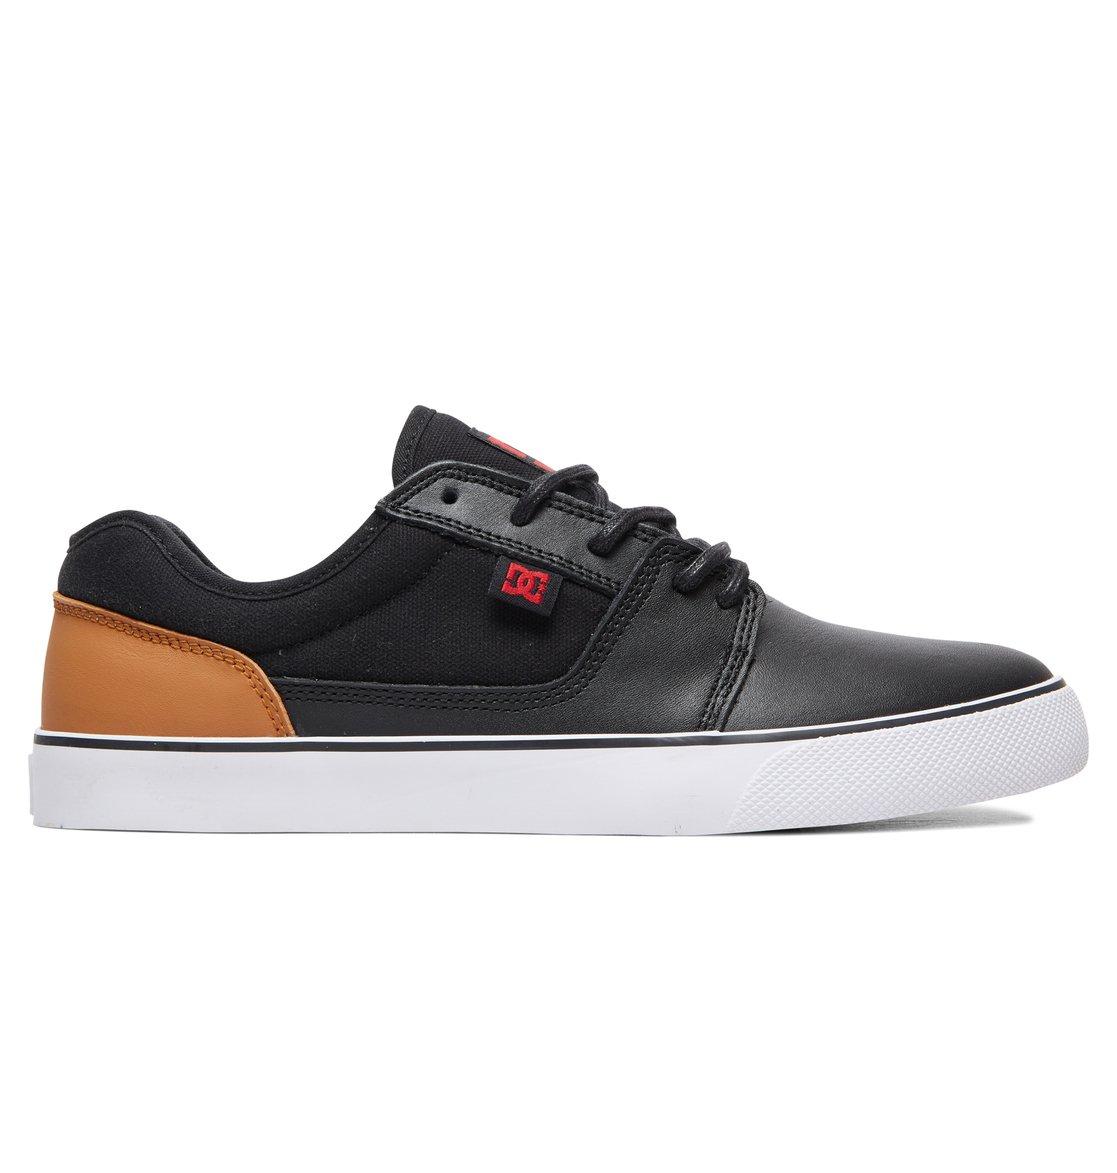 para 303064 SE 0 Hombre Shoes DC Negro Zapatos Tonik 4n6qza